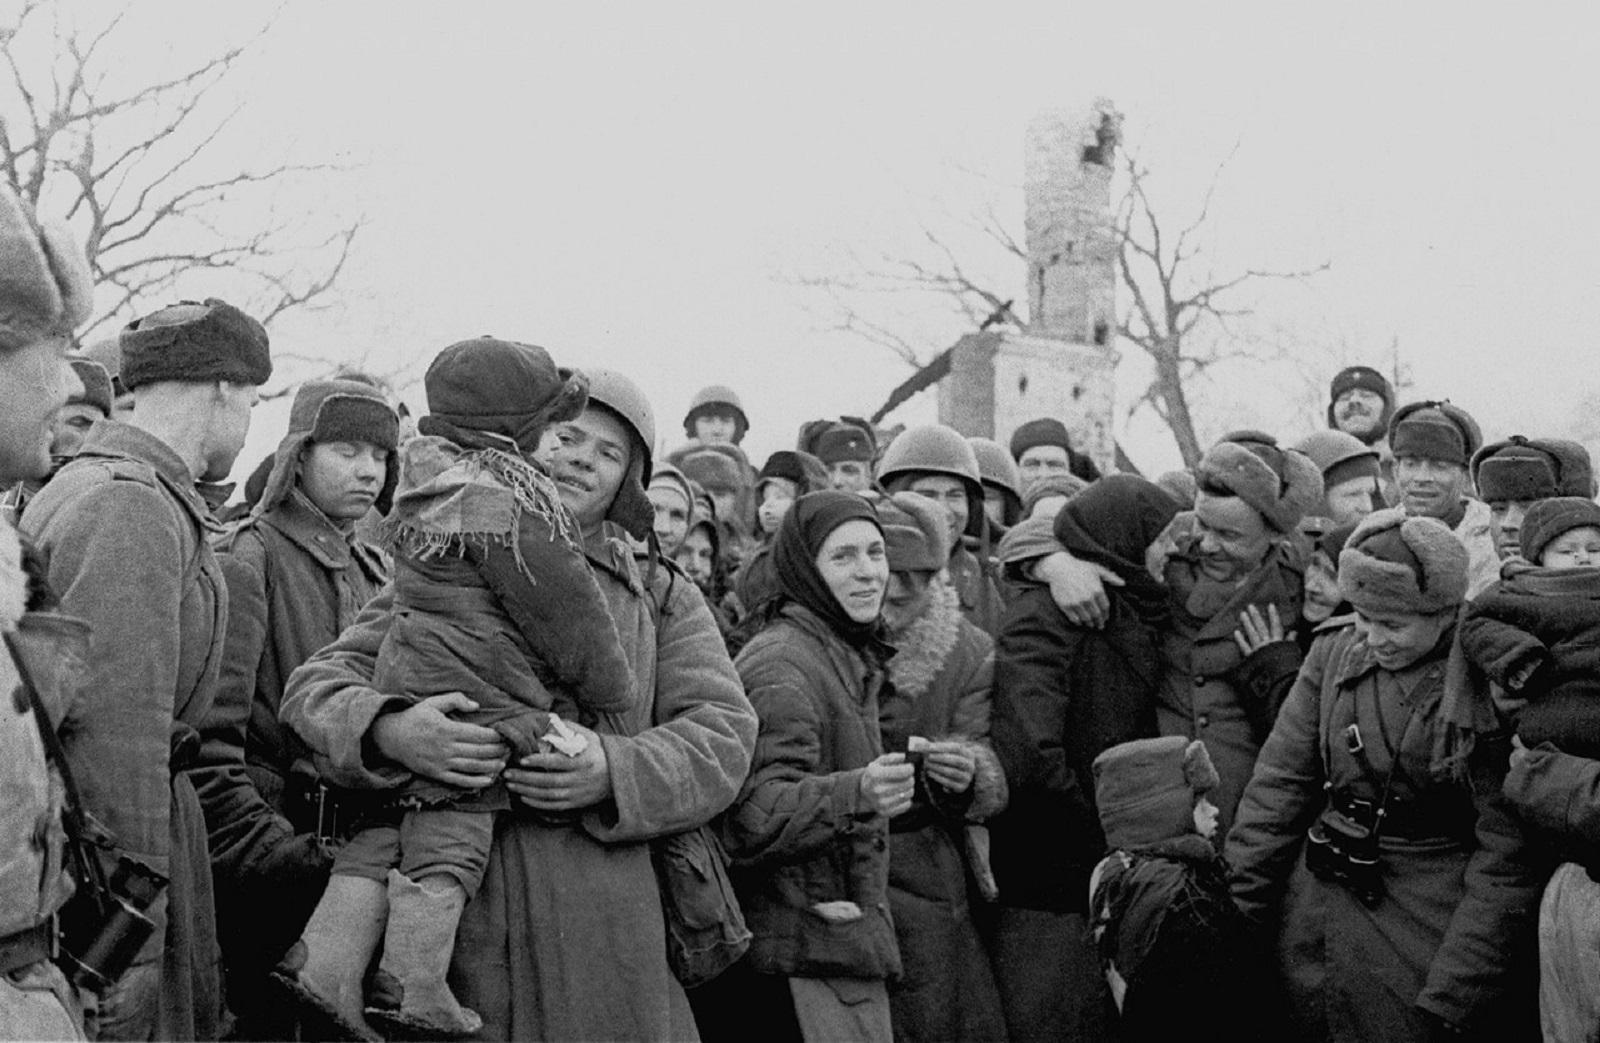 Жители освобожденного советского села встречают своих освободителей